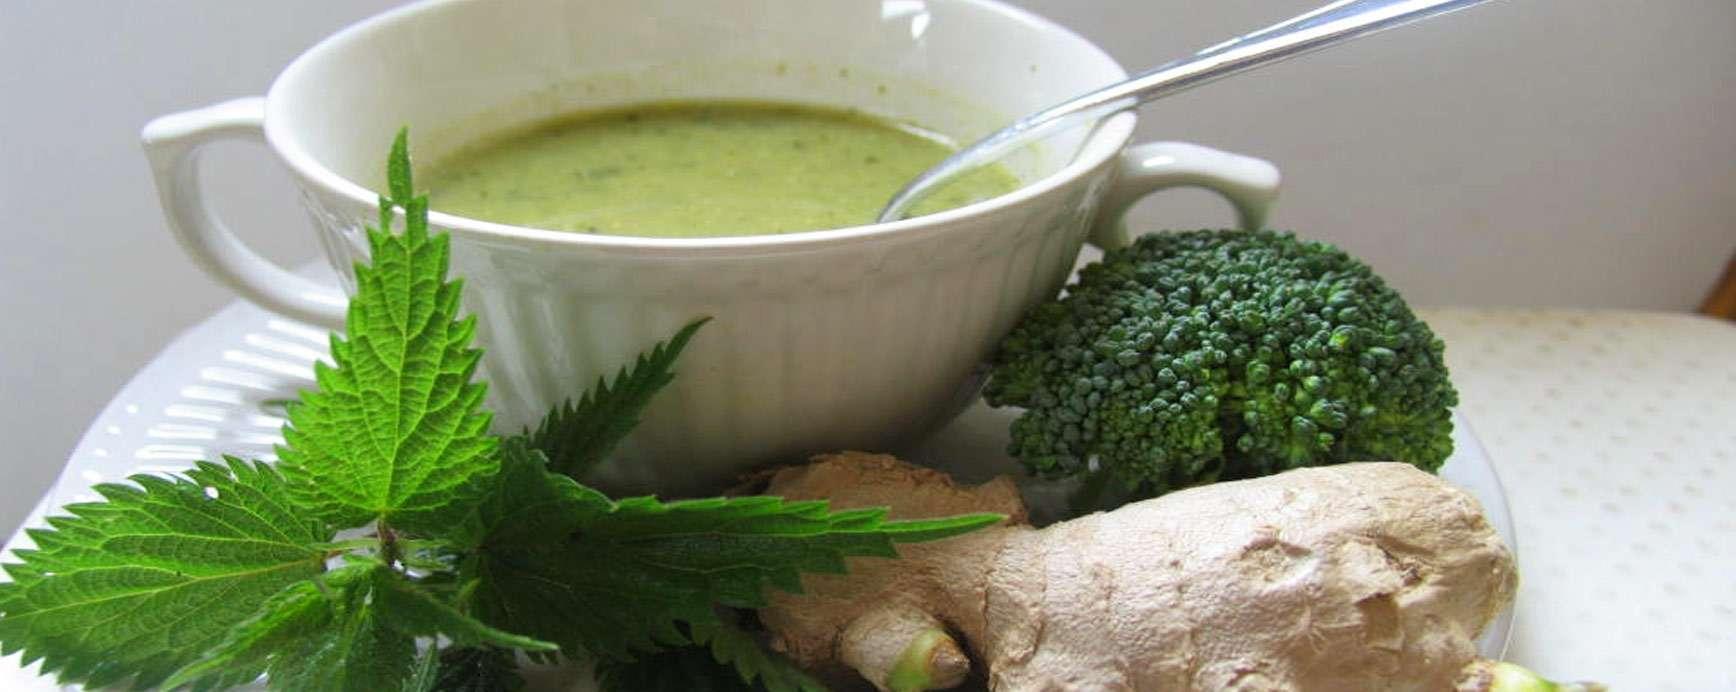 Hartverwarmend groen soepje